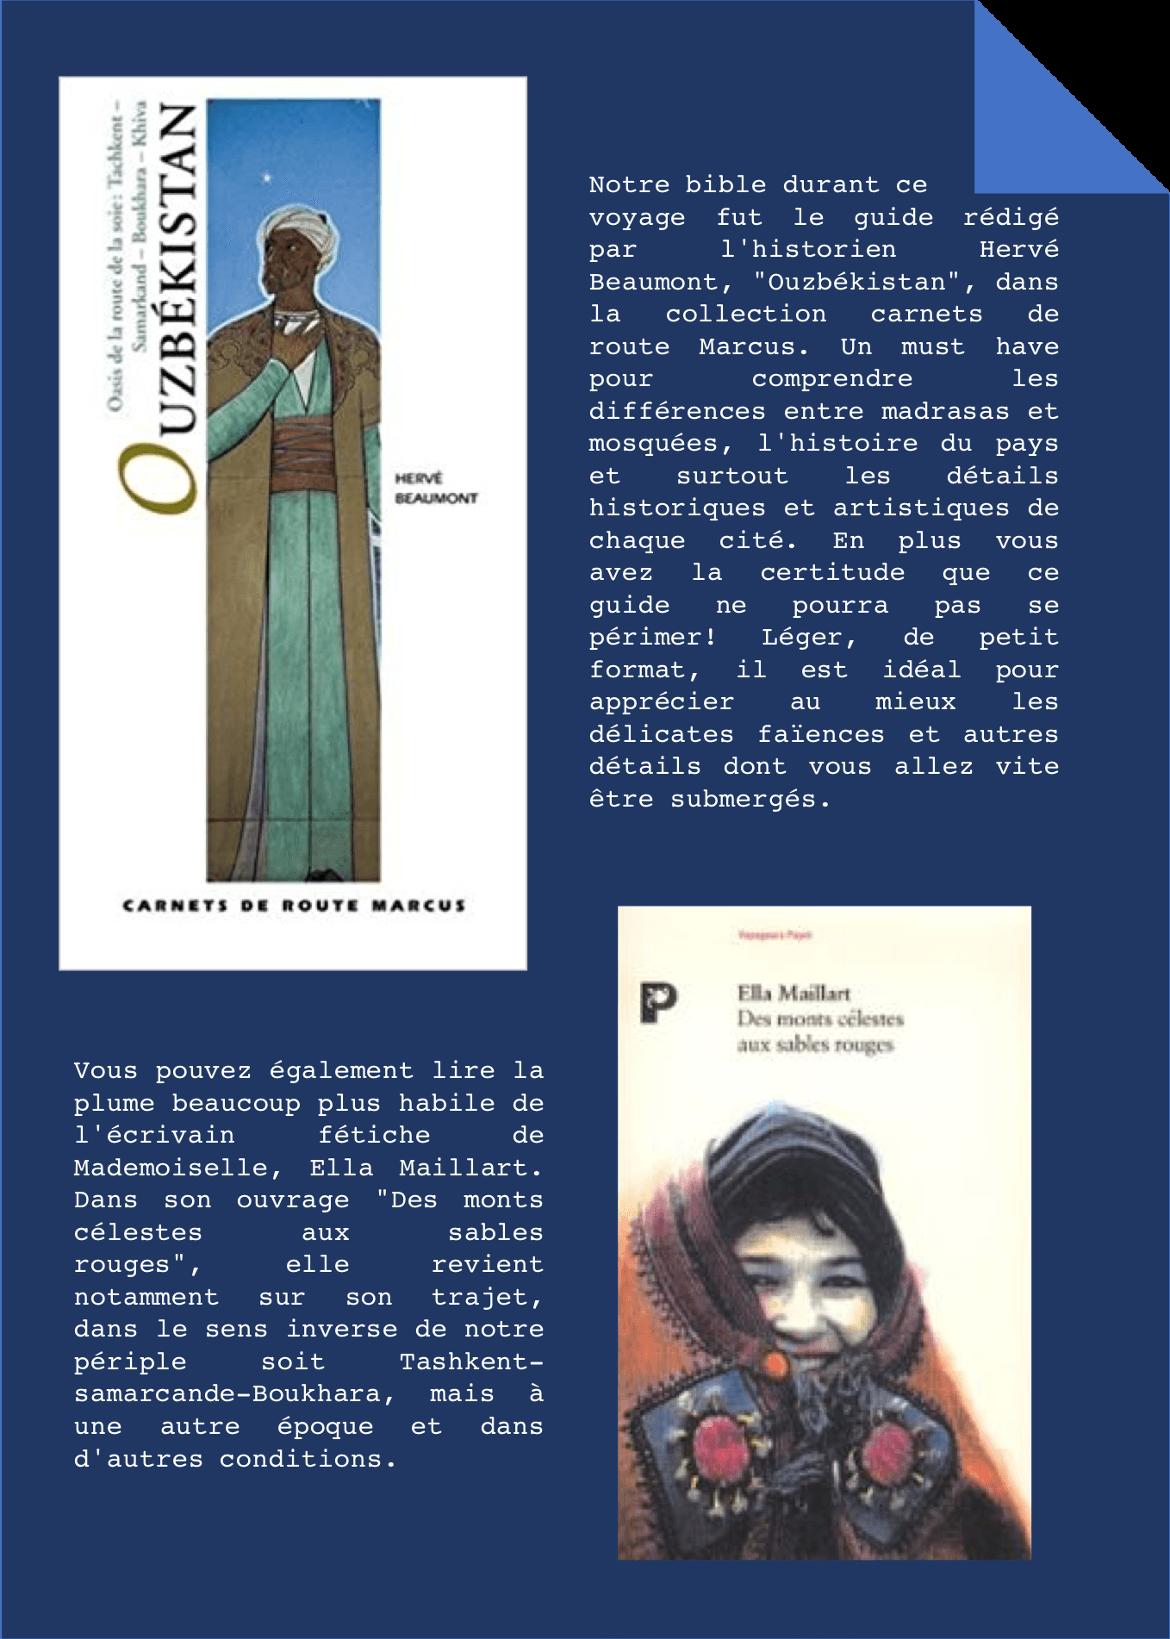 """Notre bible durant ce voyage fut le guide rédigé par l'historien Hervé Beaumont, """"Ouzbékistan"""", dans la collection carnets de route Marcus. Un must have pour comprendre les différences entre madrasas et mosquées, l'histoire du pays et surtout les détails historiques et artistiques de chaque cité. En plus vous avez la certitude que ce guide ne pourra pas se périmer! Léger, de petit format, il est idéal pour apprécier au mieux les délicates faïences et autres détails dont vous allez vite être submergés. Vous pouvez également lire la plume beaucoup plus habile de l'écrivain fétiche de Mademoiselle, Ella Maillart. Dans son ouvrage """"Des monts célestes aux sables rouges"""", elle revient notamment sur son trajet, dans le sens inverse de notre périple soit Tashkent-samarcande-Boukhara, mais à une autre époque et dans d'autres conditions."""